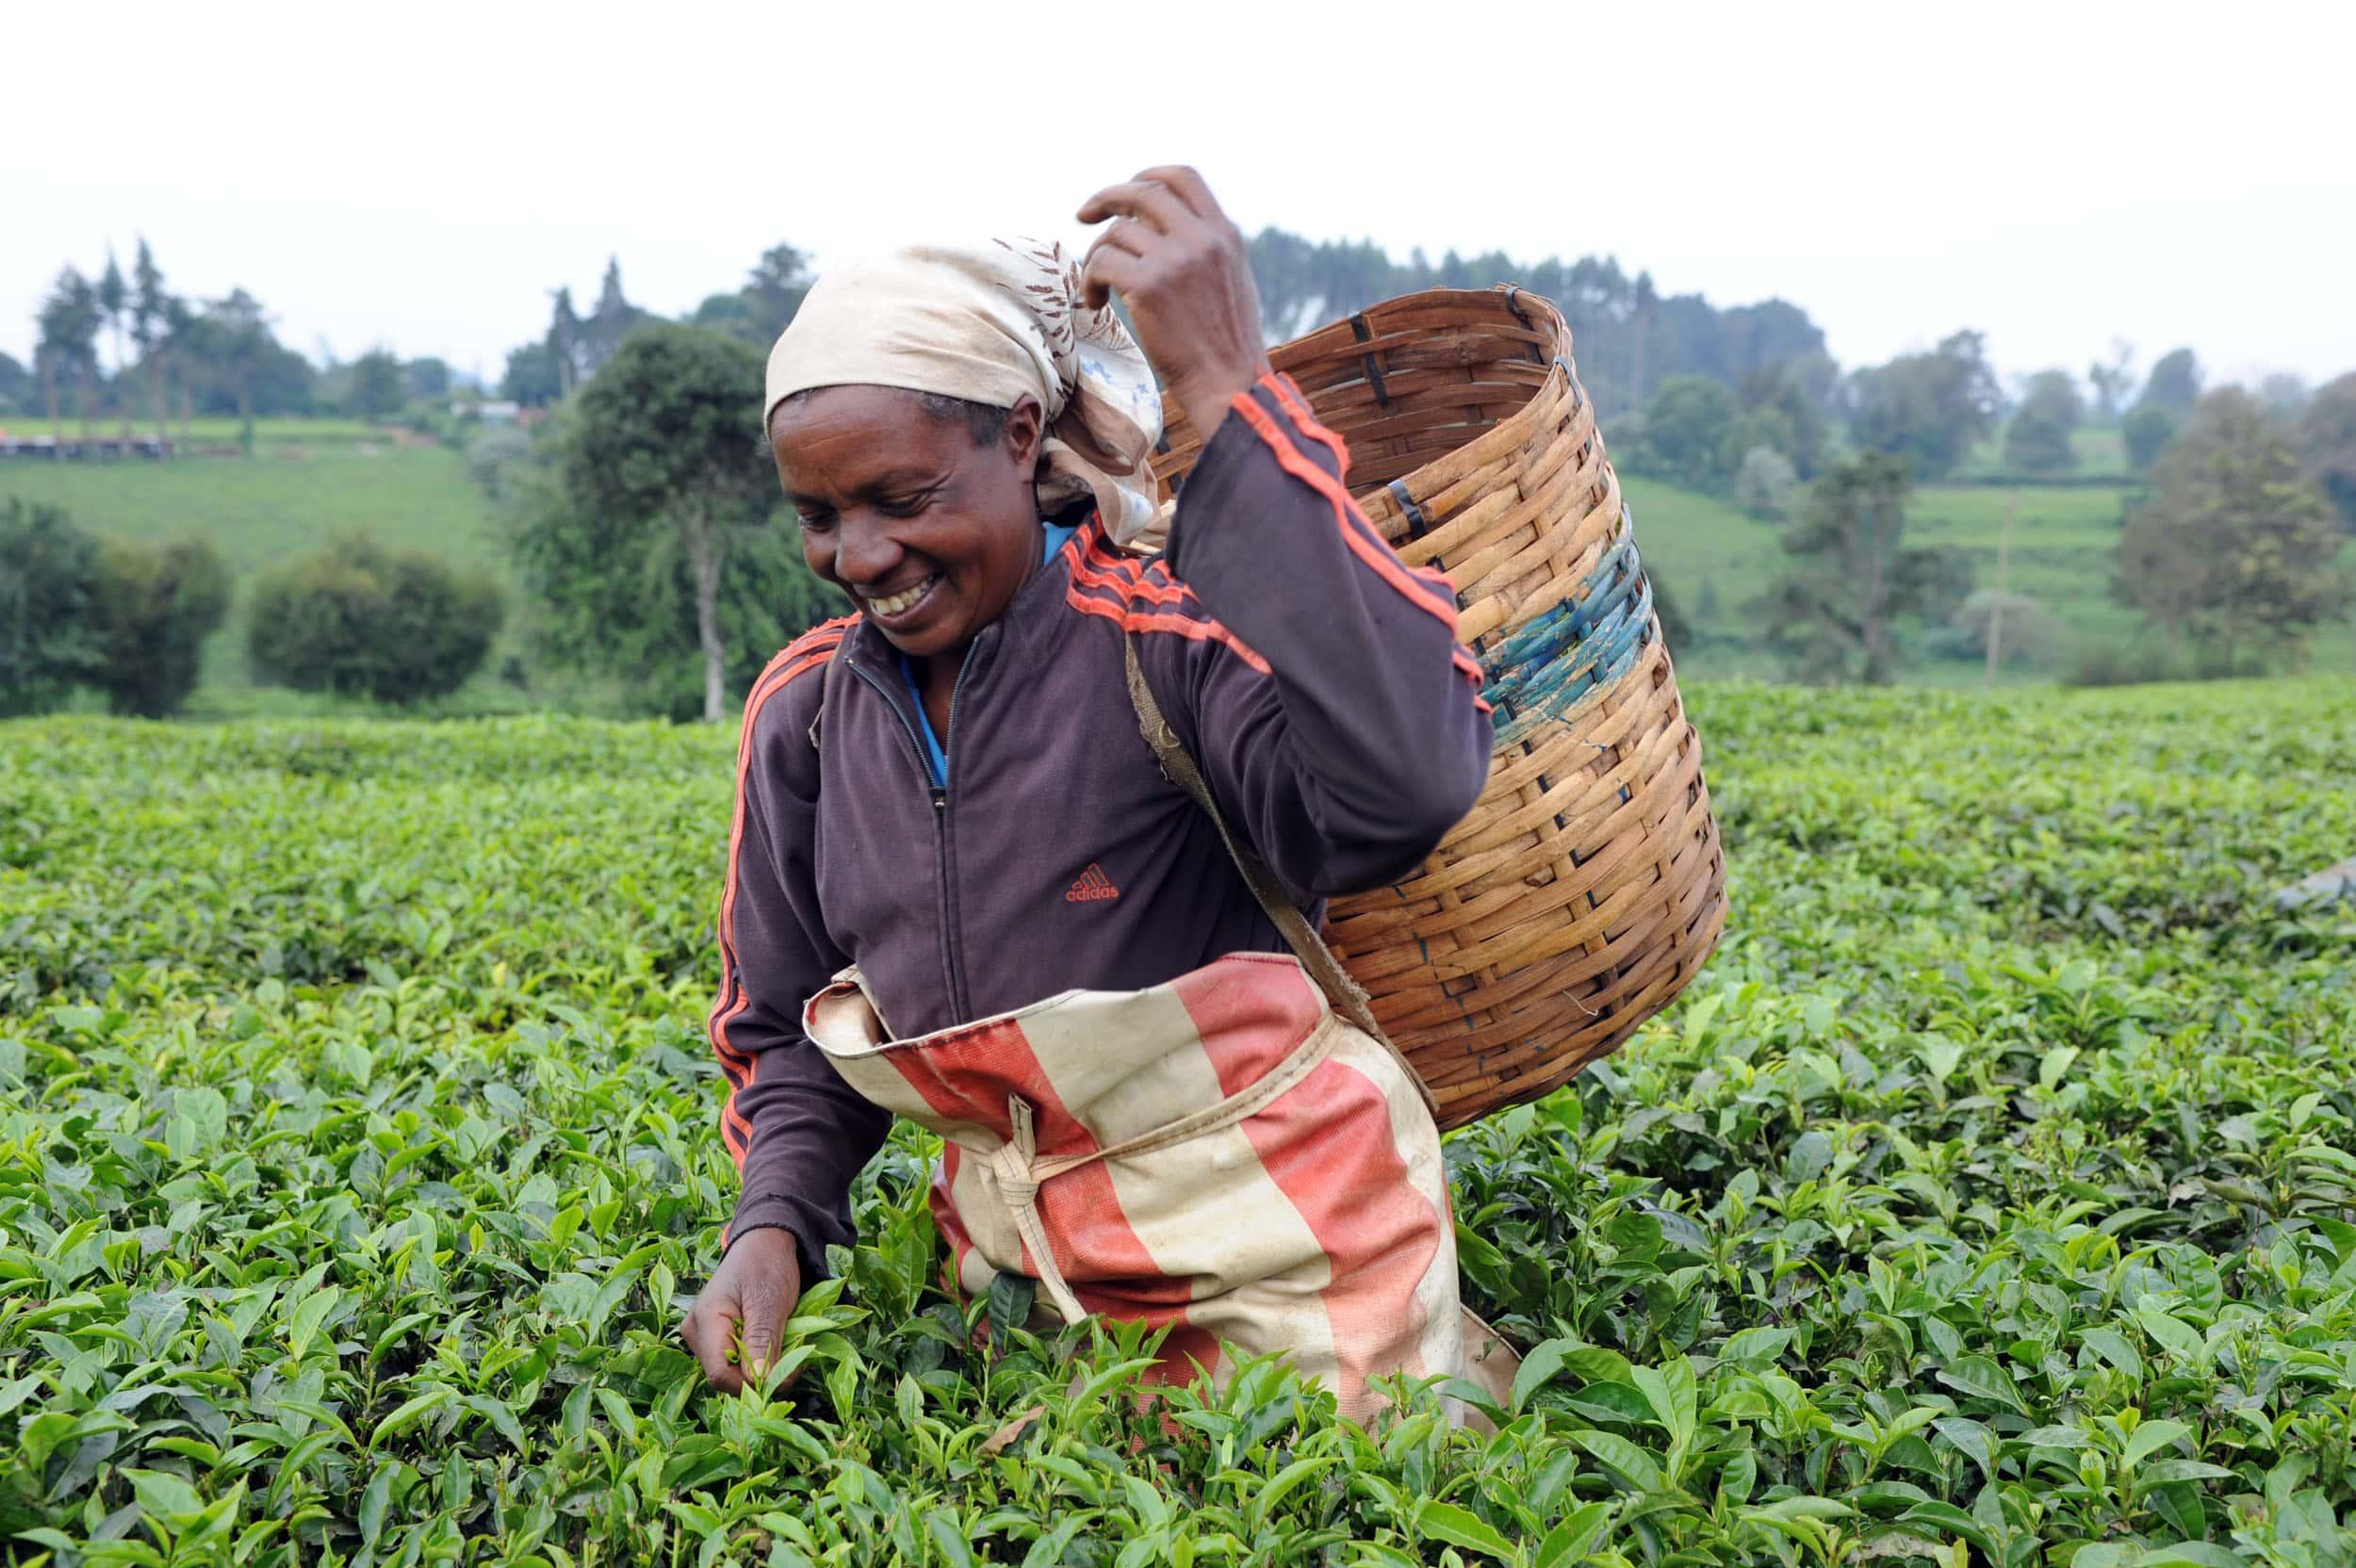 Programa de promoción y capacitación de mujeres y jóvenes en las técnicas agrícolas y ganaderas